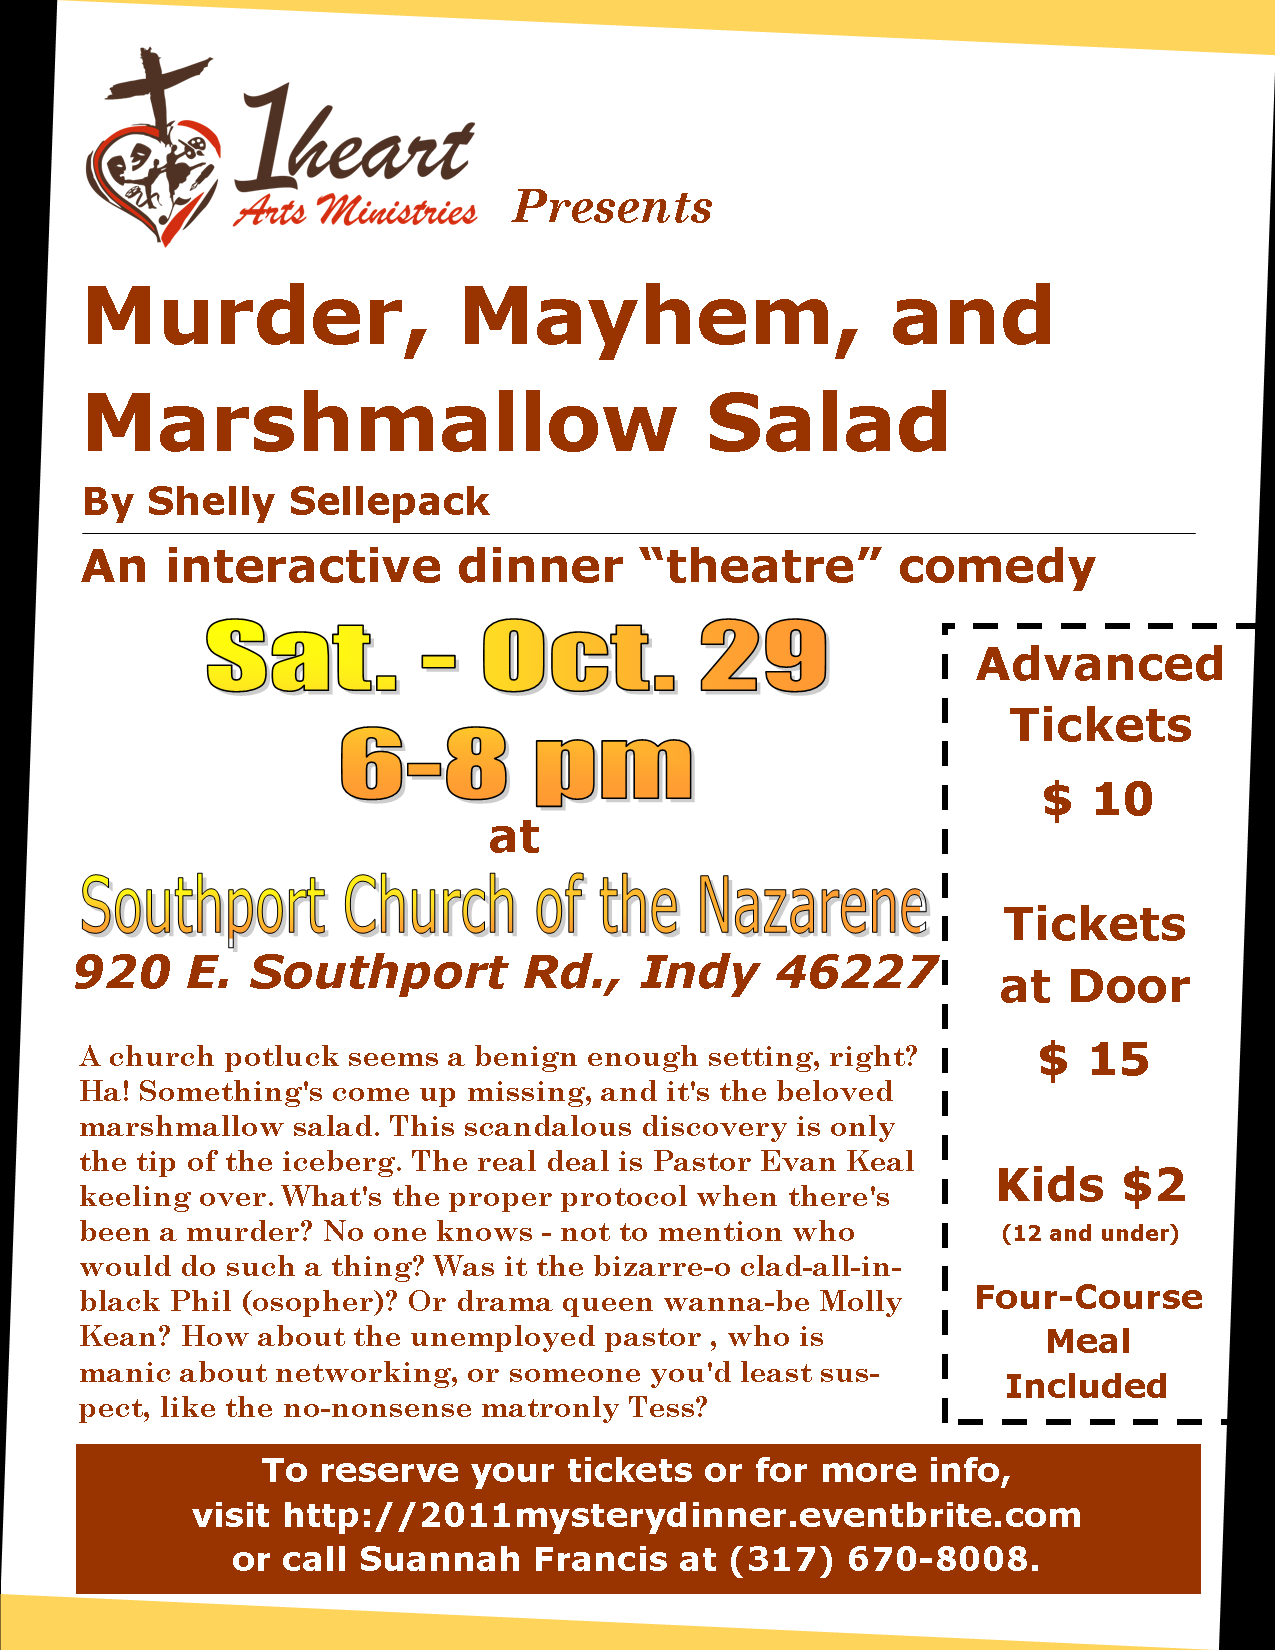 Mystery Dinner Fundraiser - Oct. 29 6-8pm